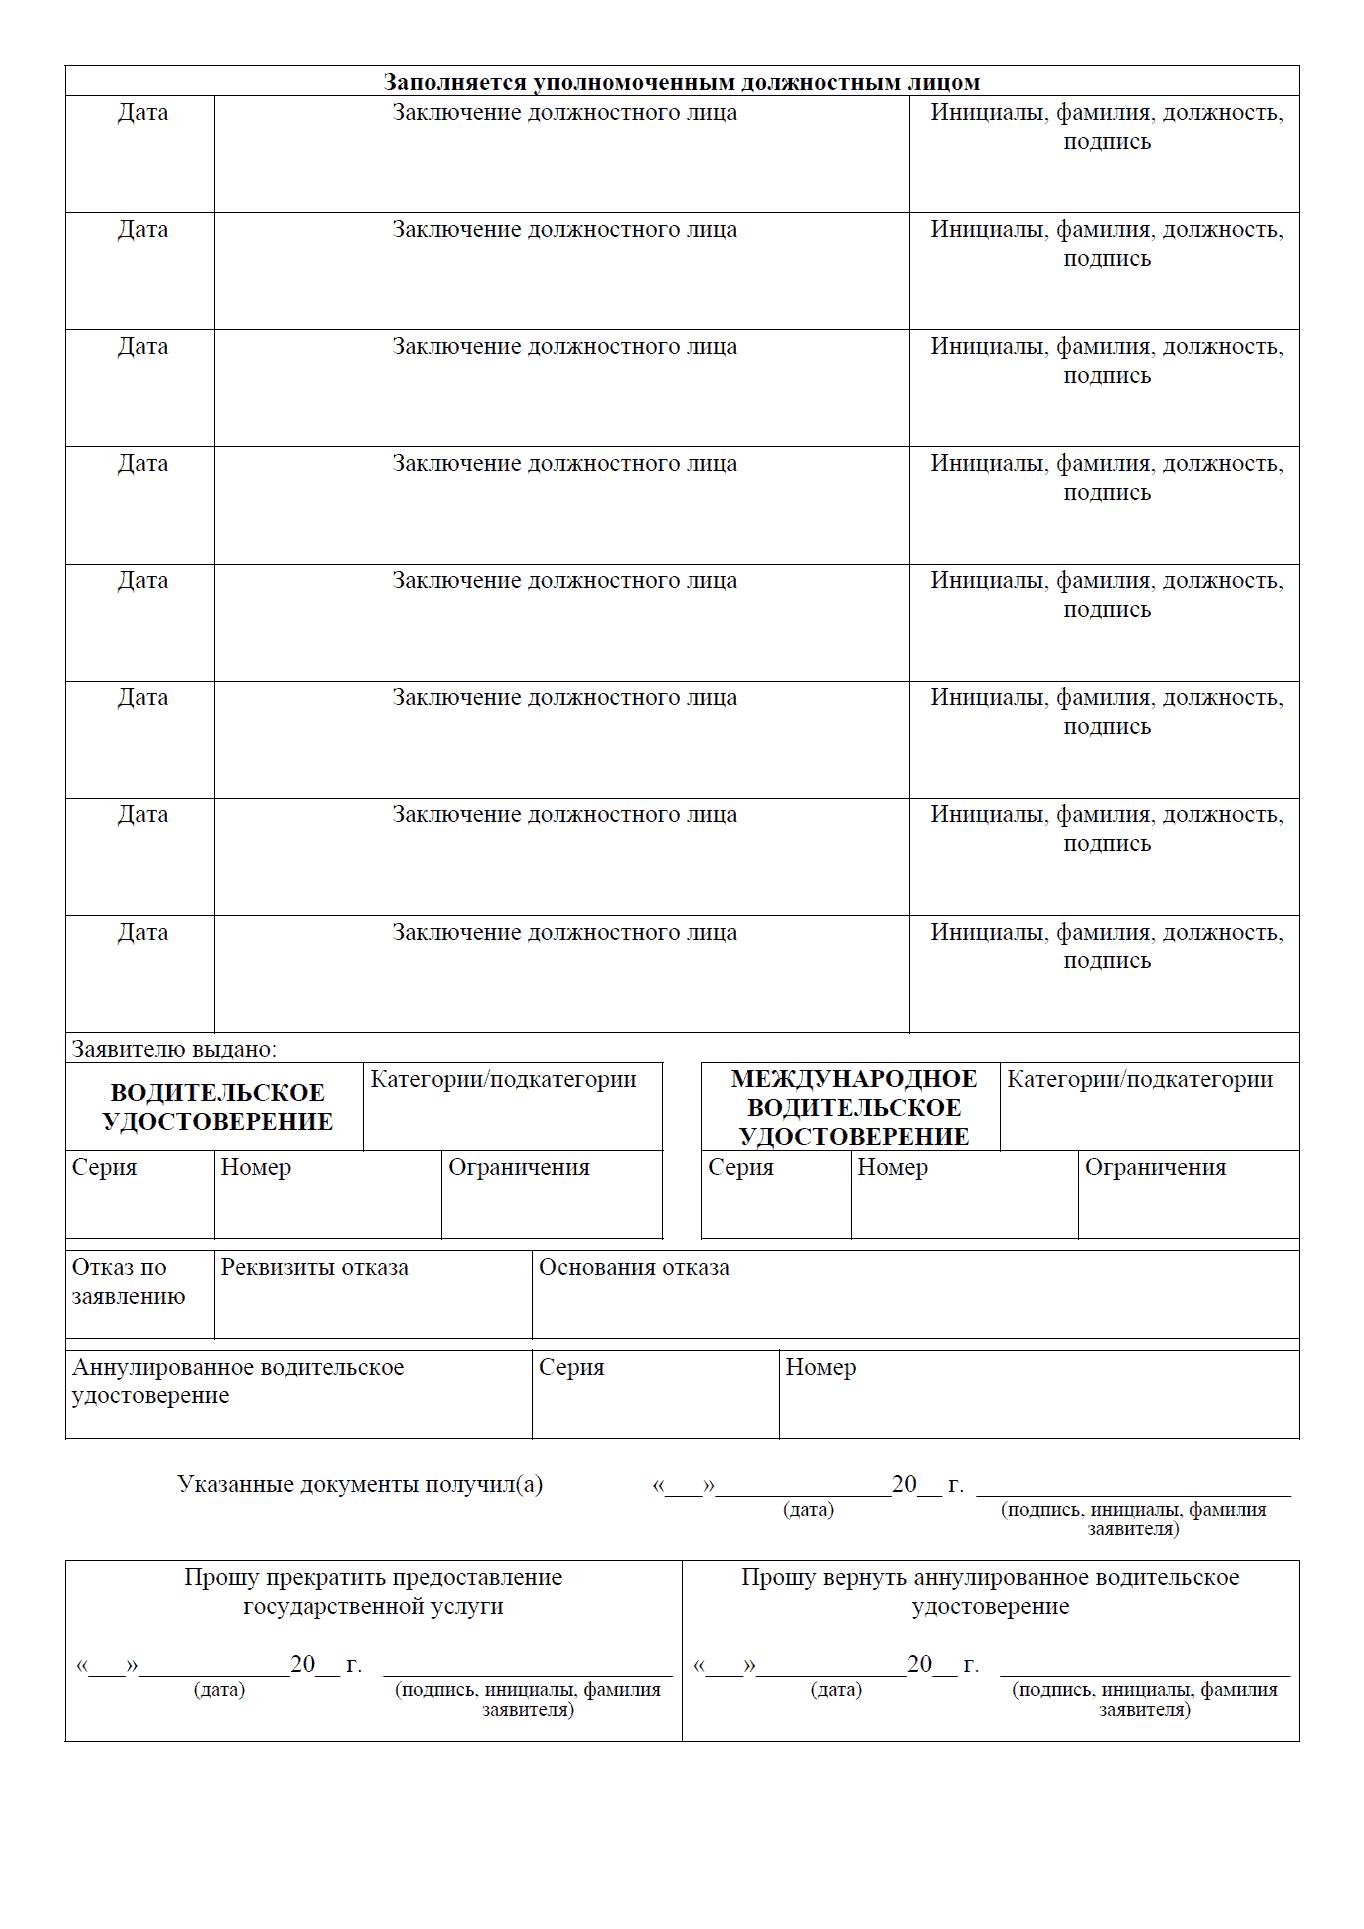 Образец заявления на замену (получение) водительского удостоверения (стр 2.)